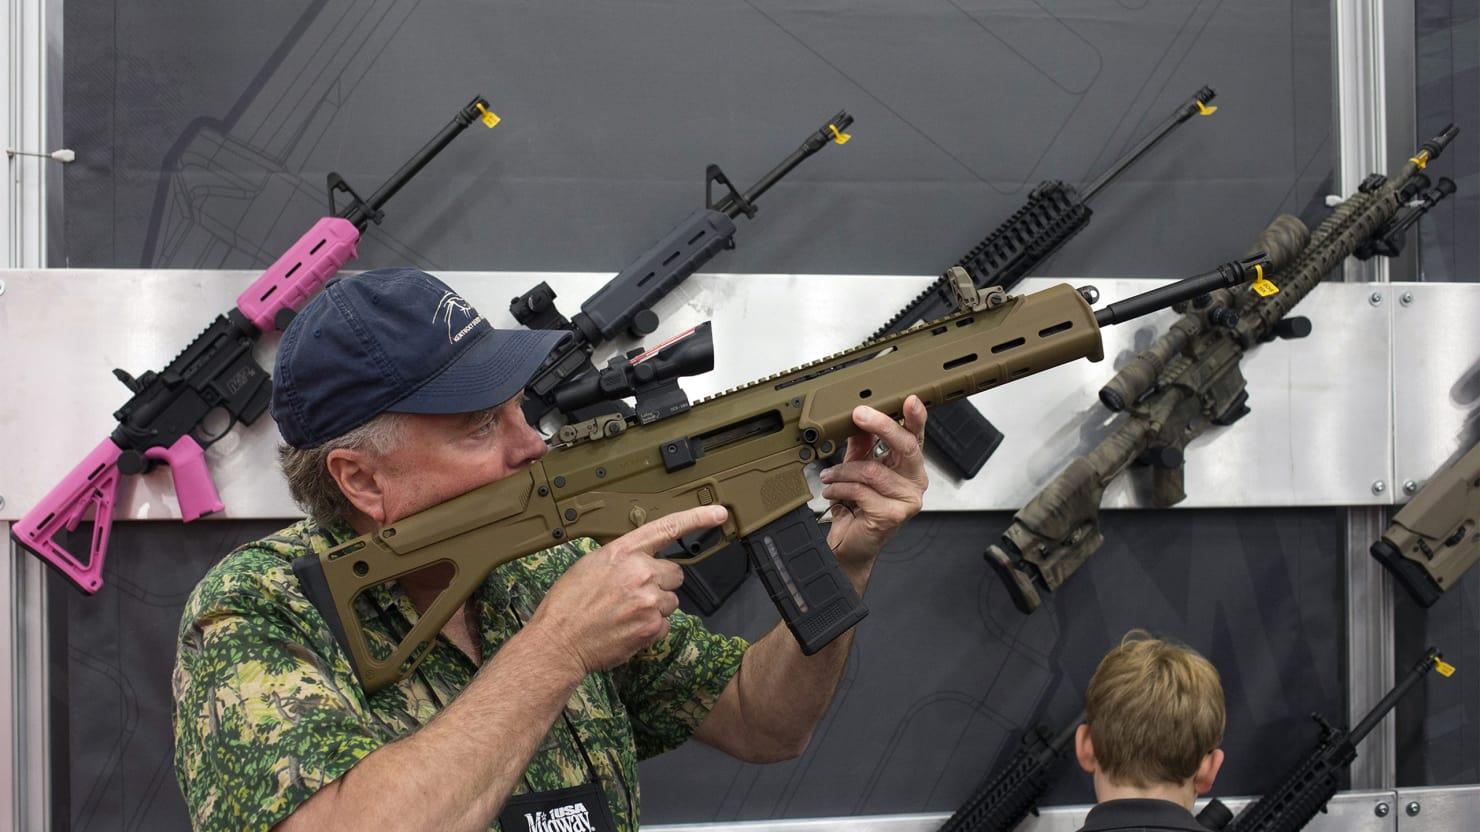 Sąd zdecydował: Mieszkańcy Deerfield mogą posiadać broń szturmową